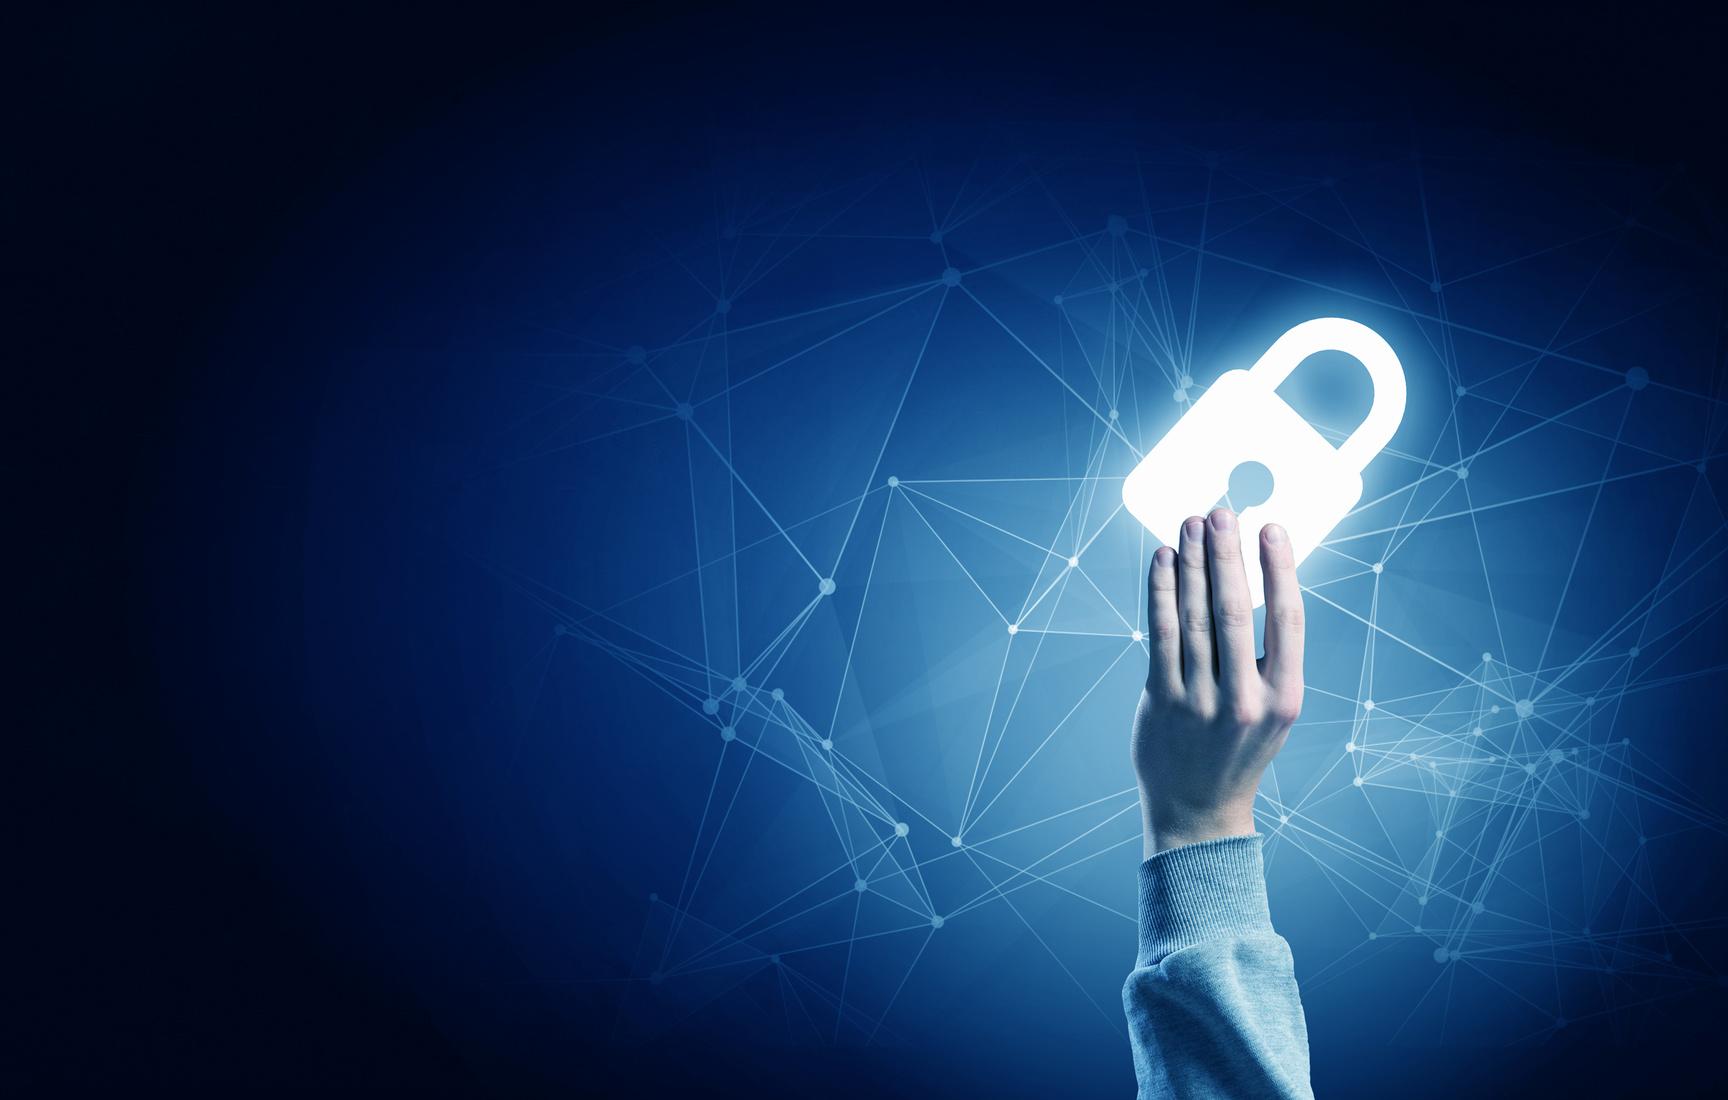 Photo de Symantec s'offre Blue Coat pour 4,65 milliards de dollars et devenir un géant de la cybersécurité